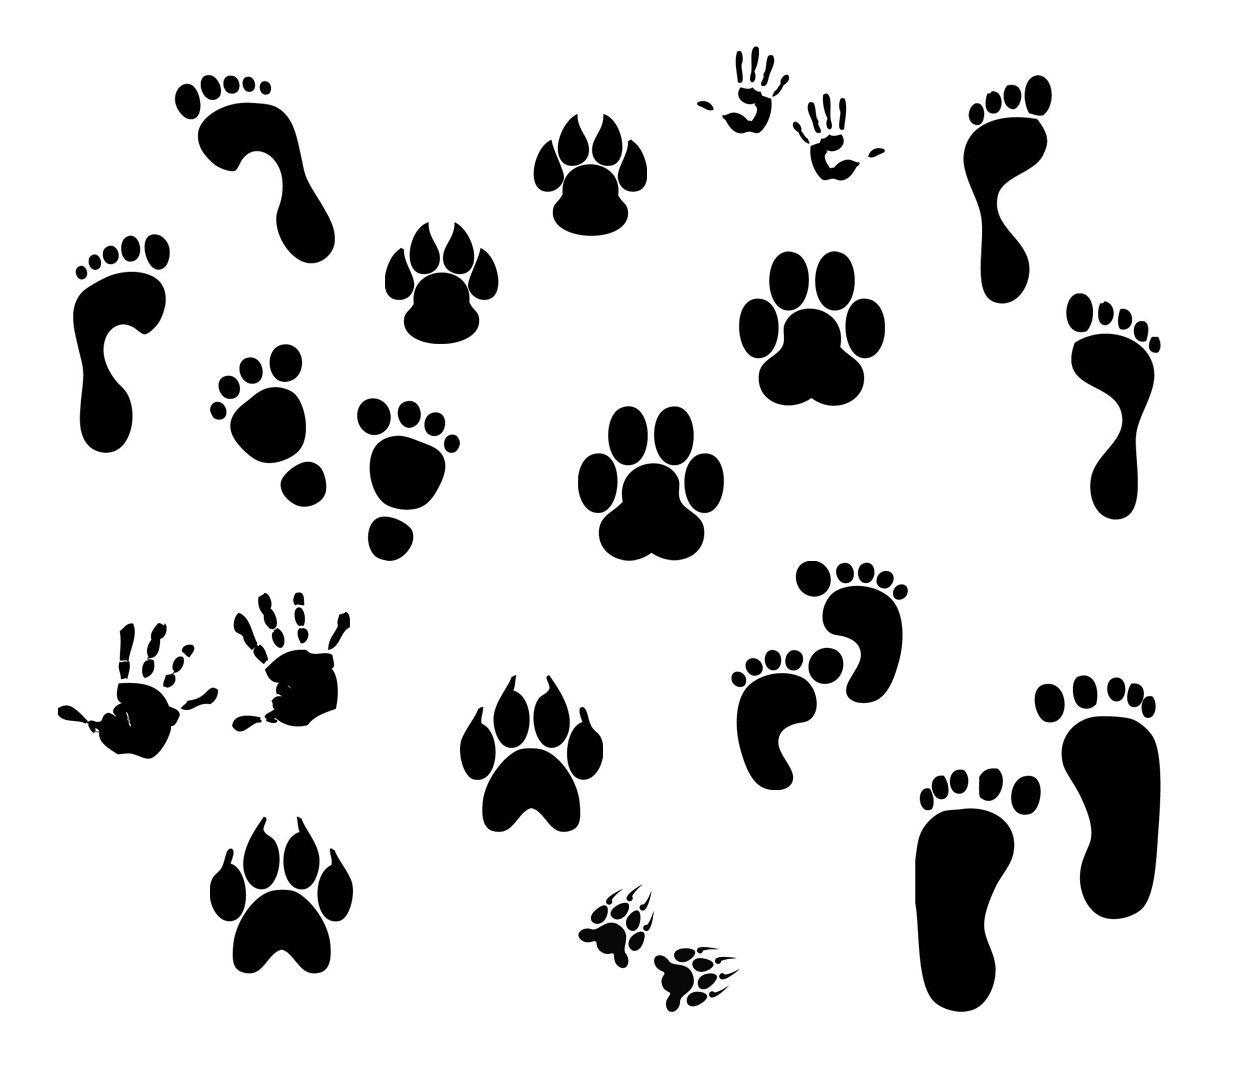 Kldezign Svg Fingerprints The Tiger Paws Could Be Useful Around